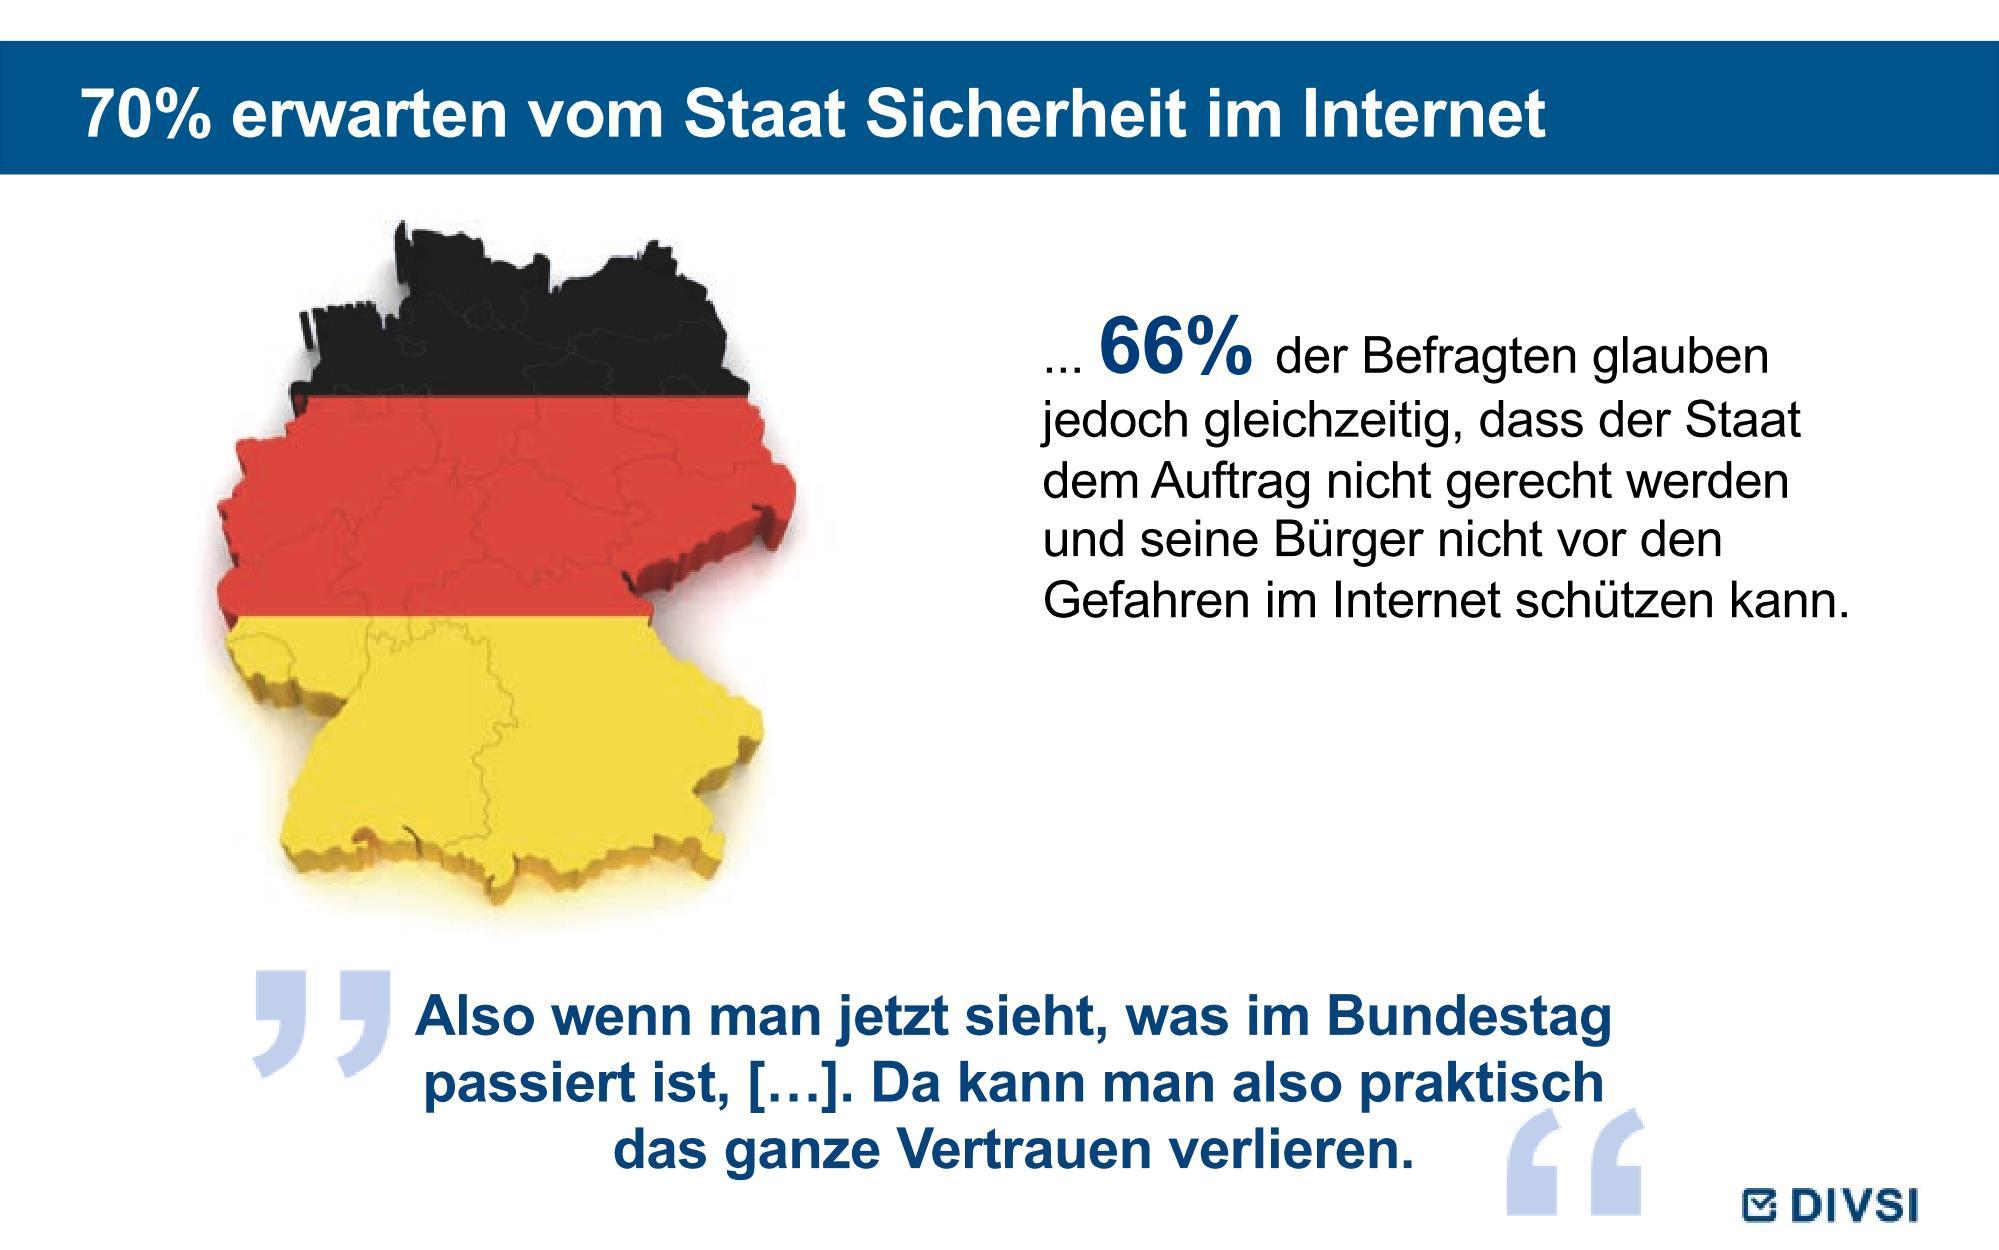 sicherheitstipps im internet